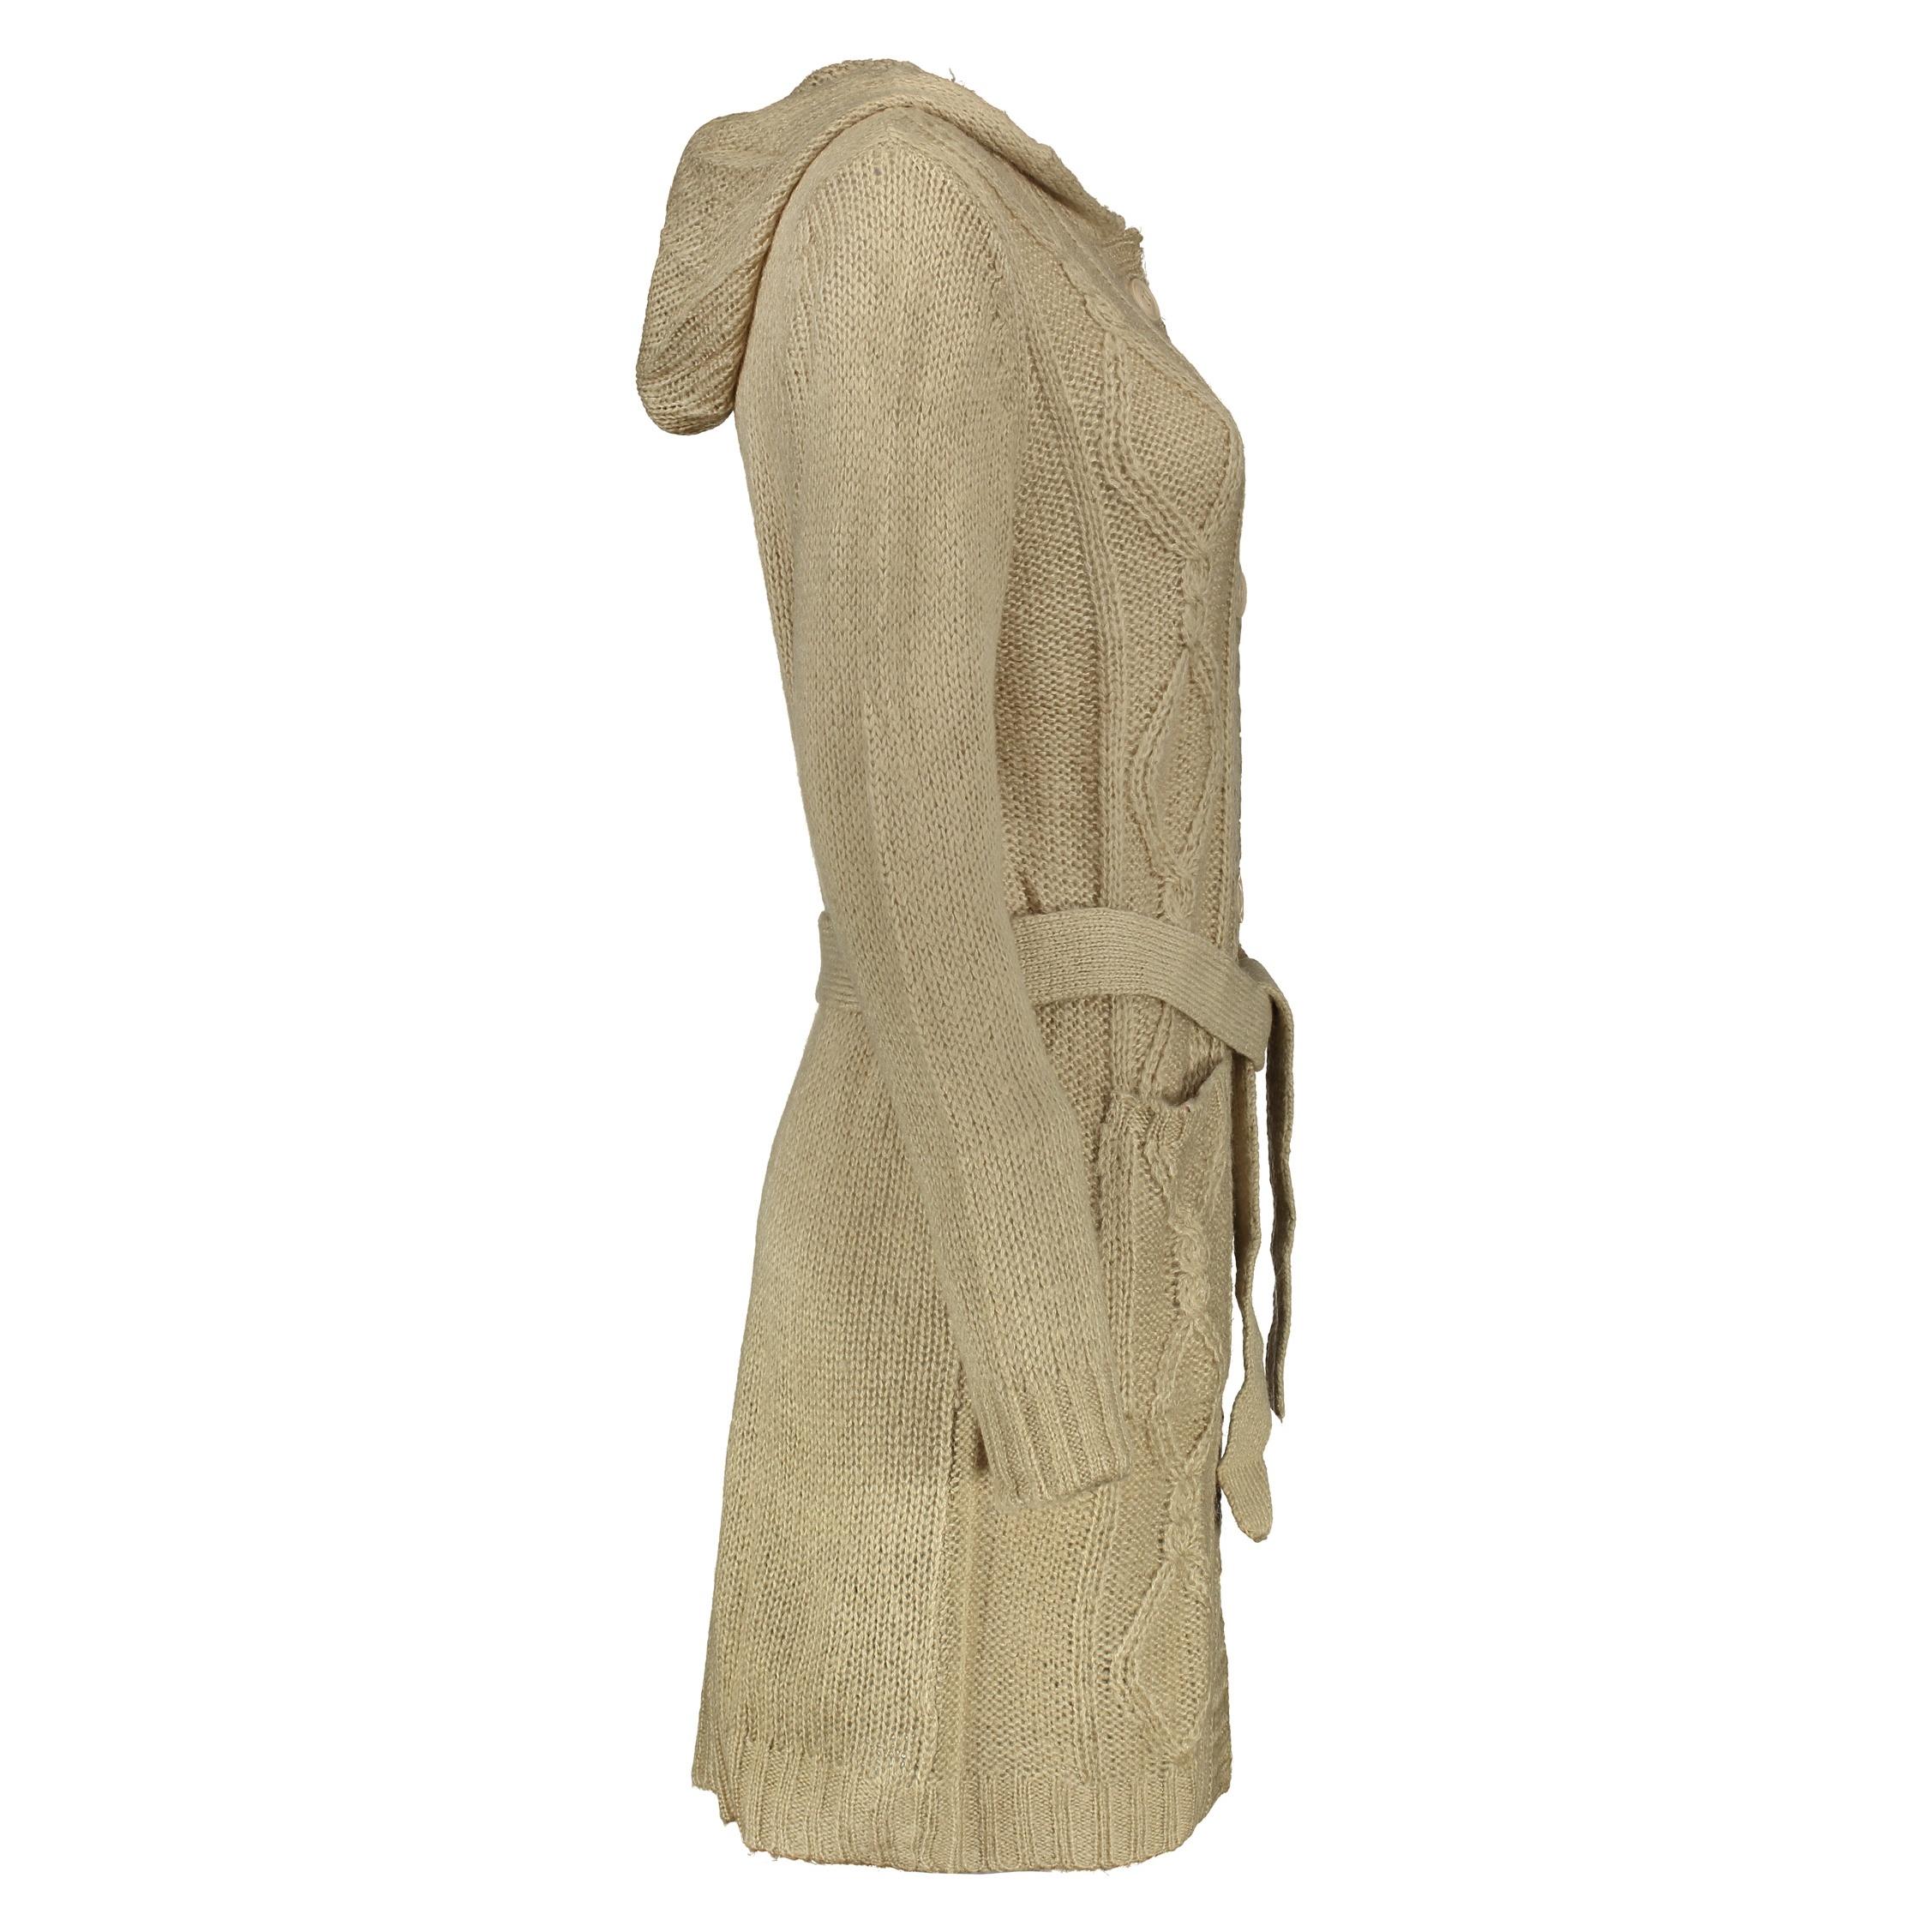 ژاکت زنانه مل اند موژ مدل KT146-010 - کرم - 2